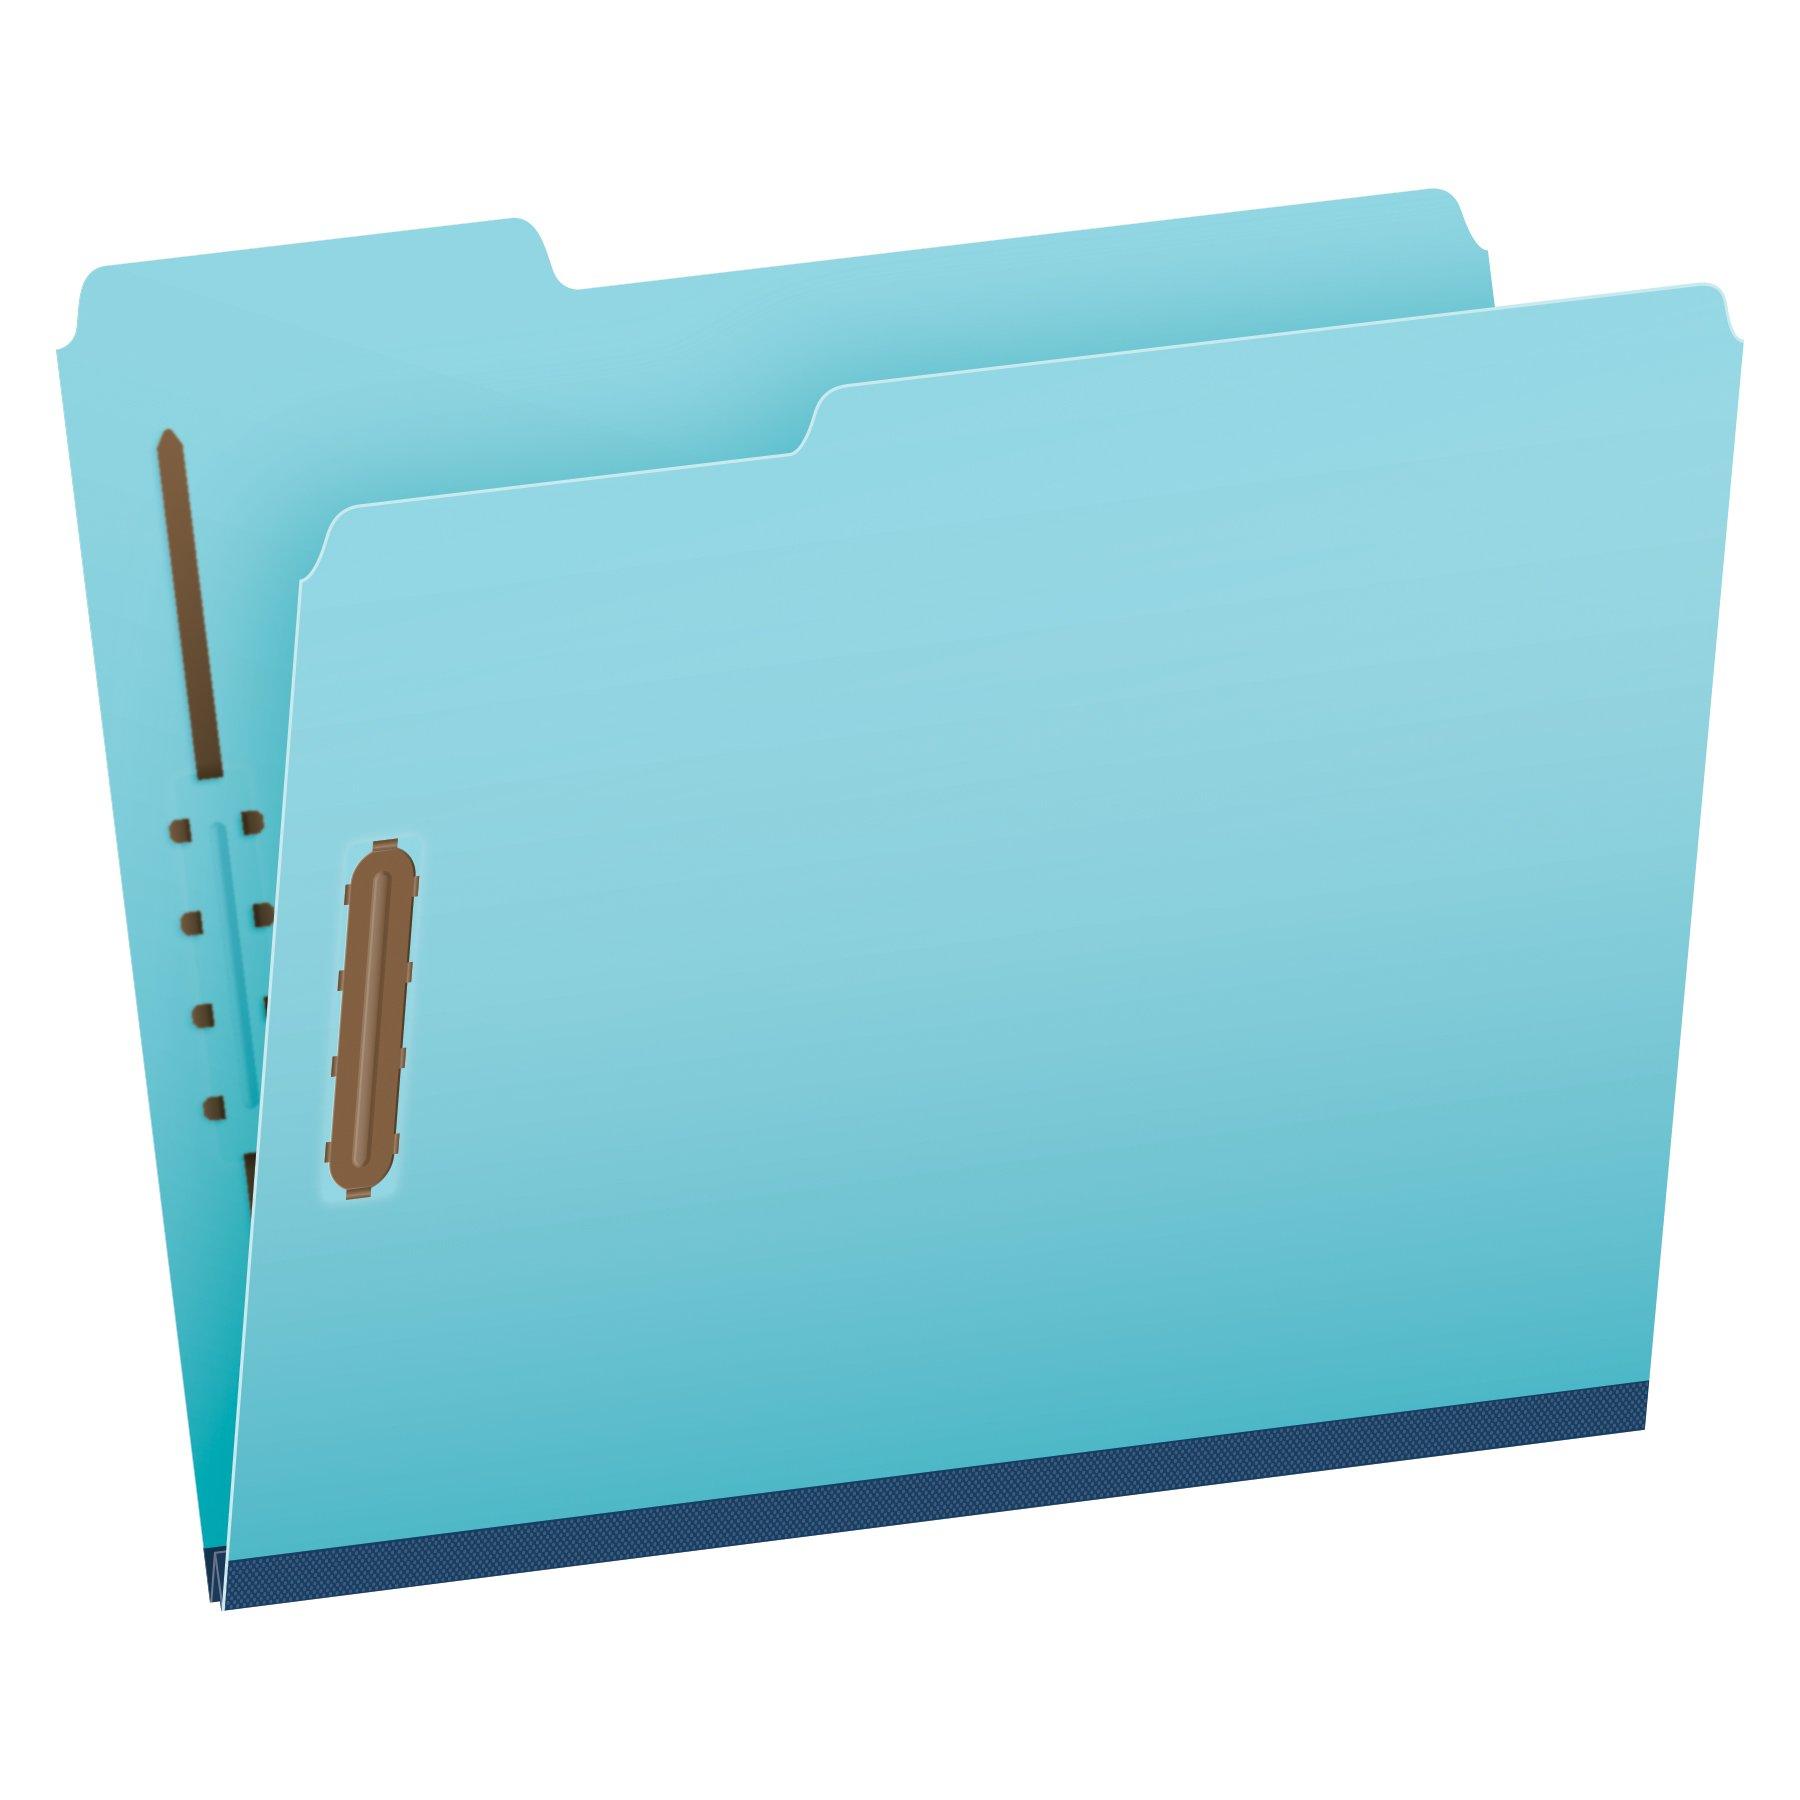 Pendaflex Pressboard Fastener Folders, Letter Size, Light Blue, 1'' Expansion, 1/3 Cut, 25/BX (615F21-3BLU) by Globe Weis